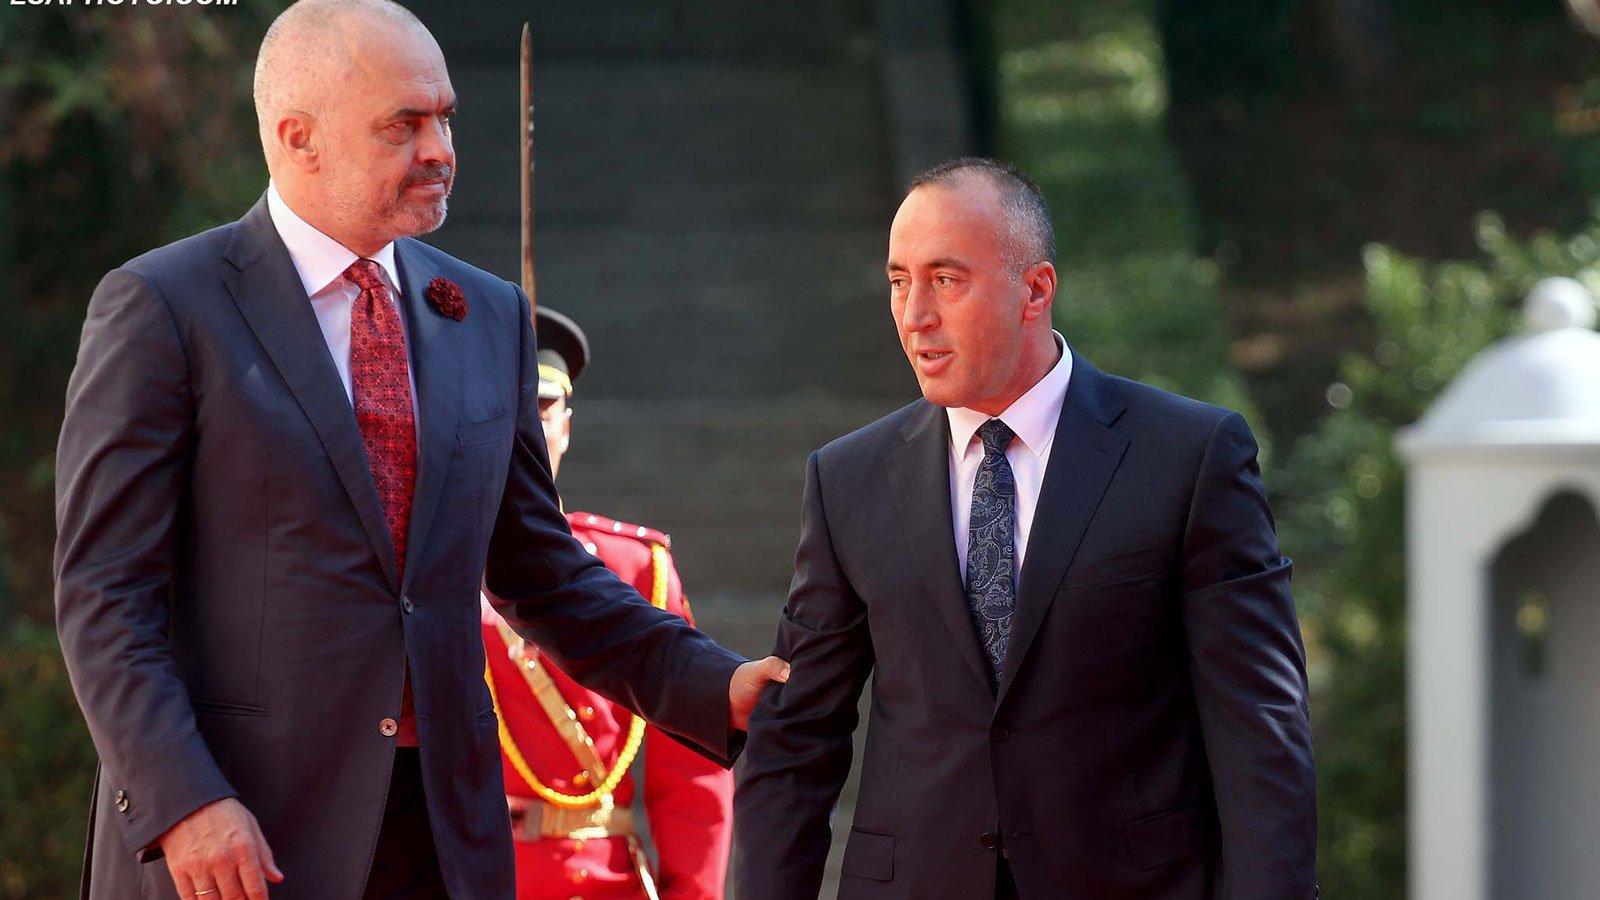 Thellohen akuzat Haradinaj-Rama: Ka qenë shtytësi kryesor i ndarjes së Kosovës